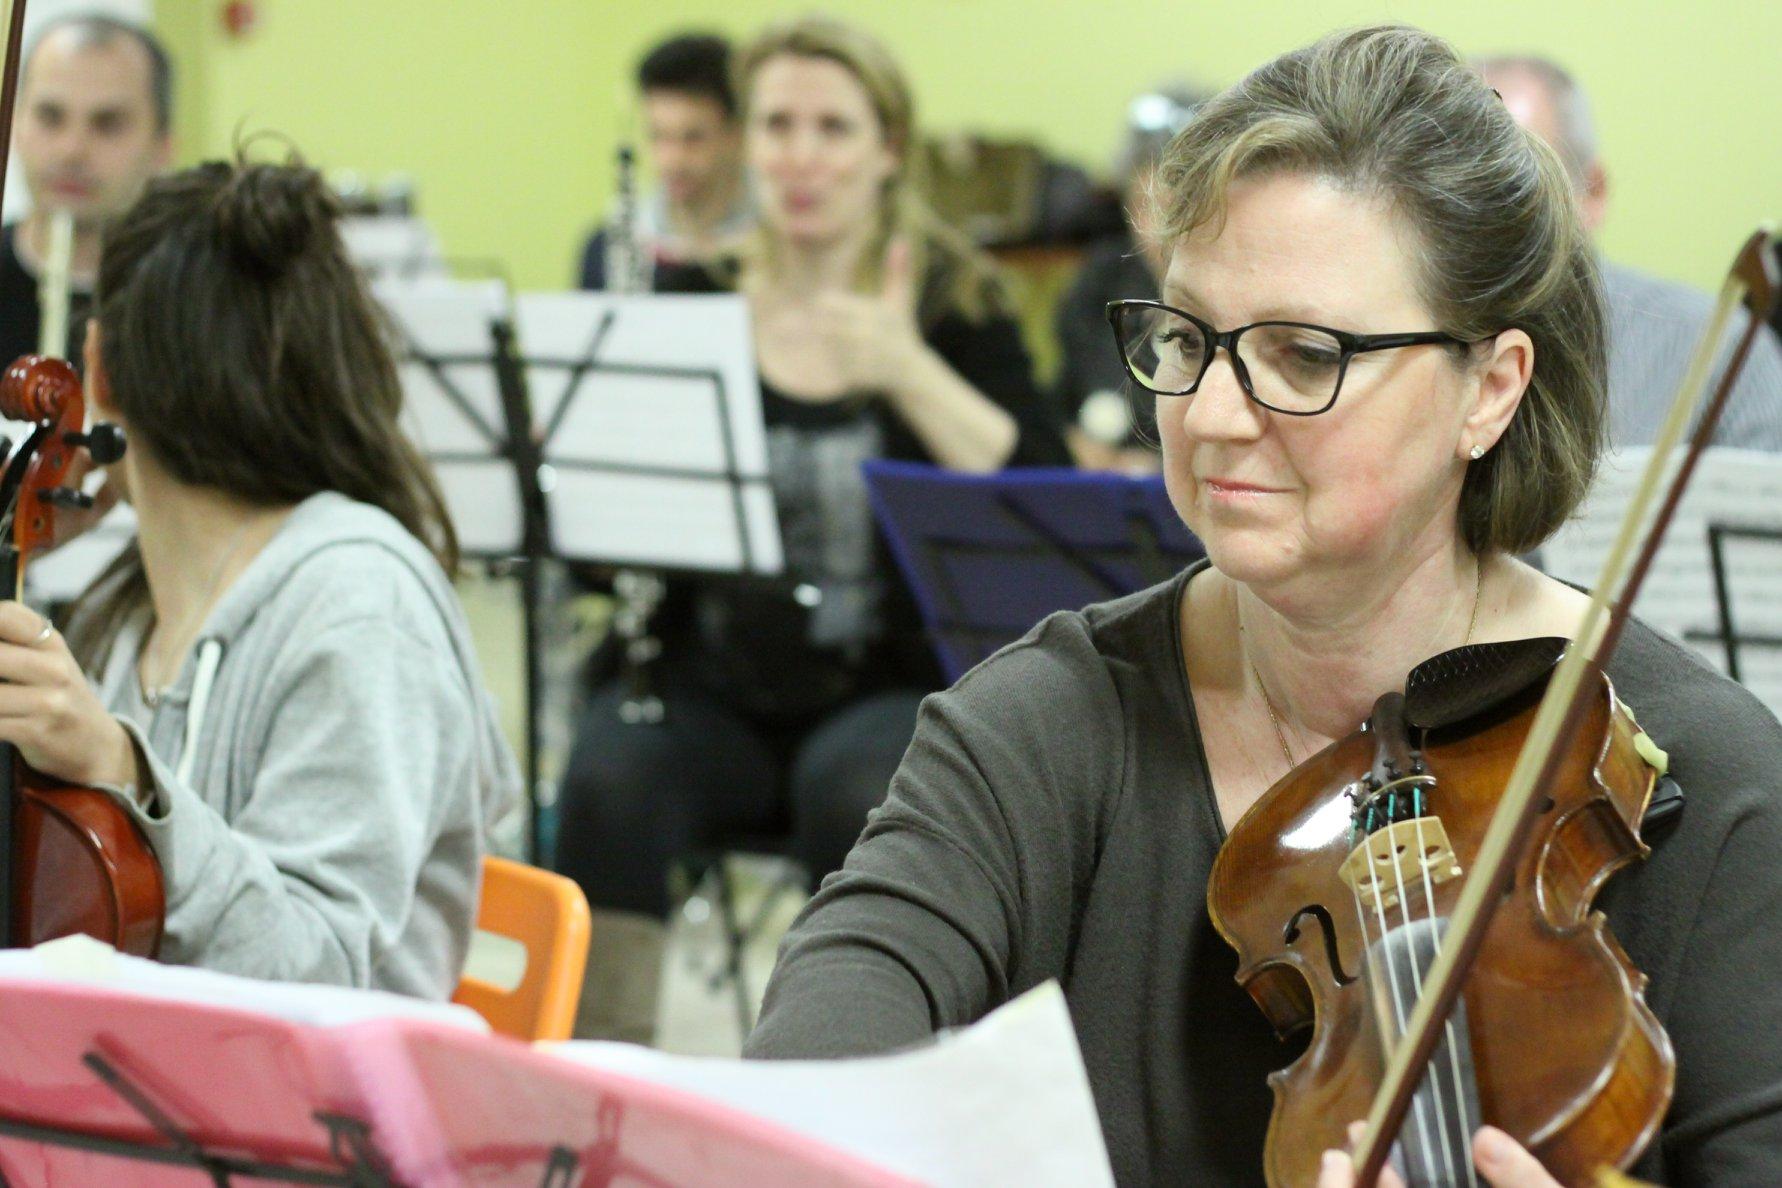 Scuola di Musica Roma   L'orchestra aperta a tutti all'Istituto musicale Corelli